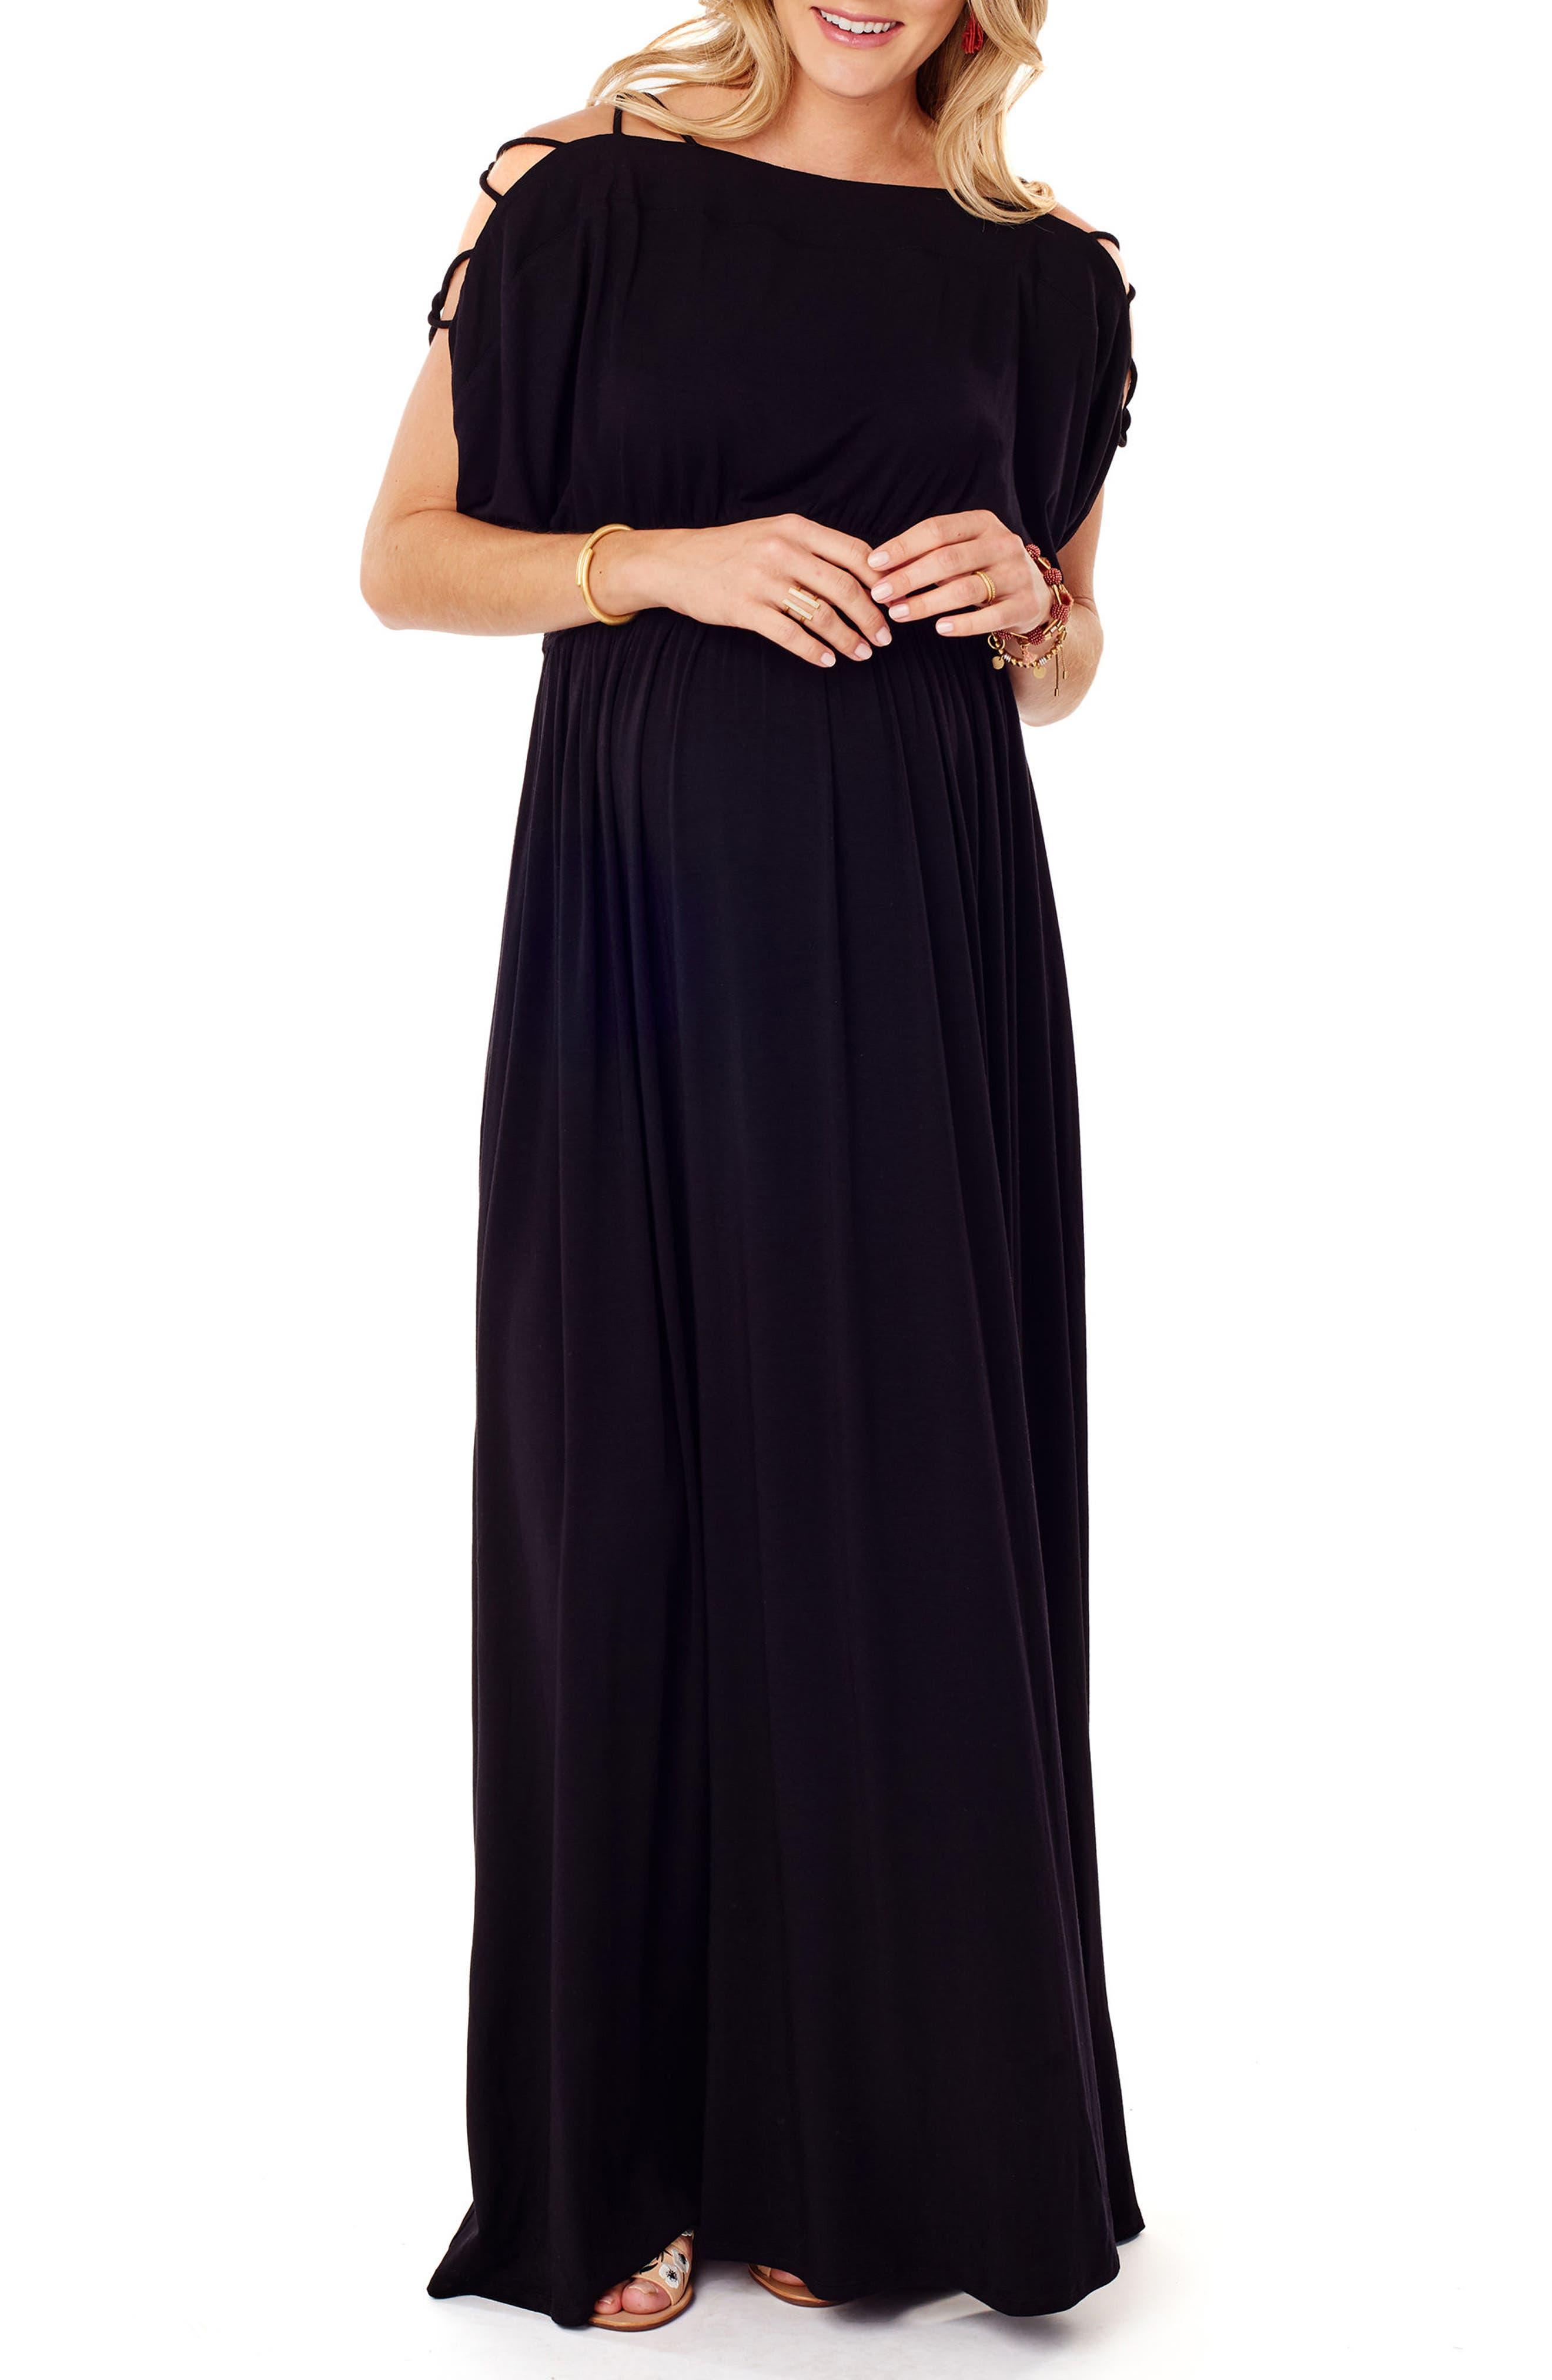 Smocked Empire Waist Maternity Maxi Dress,                             Main thumbnail 1, color,                             JET BLACK